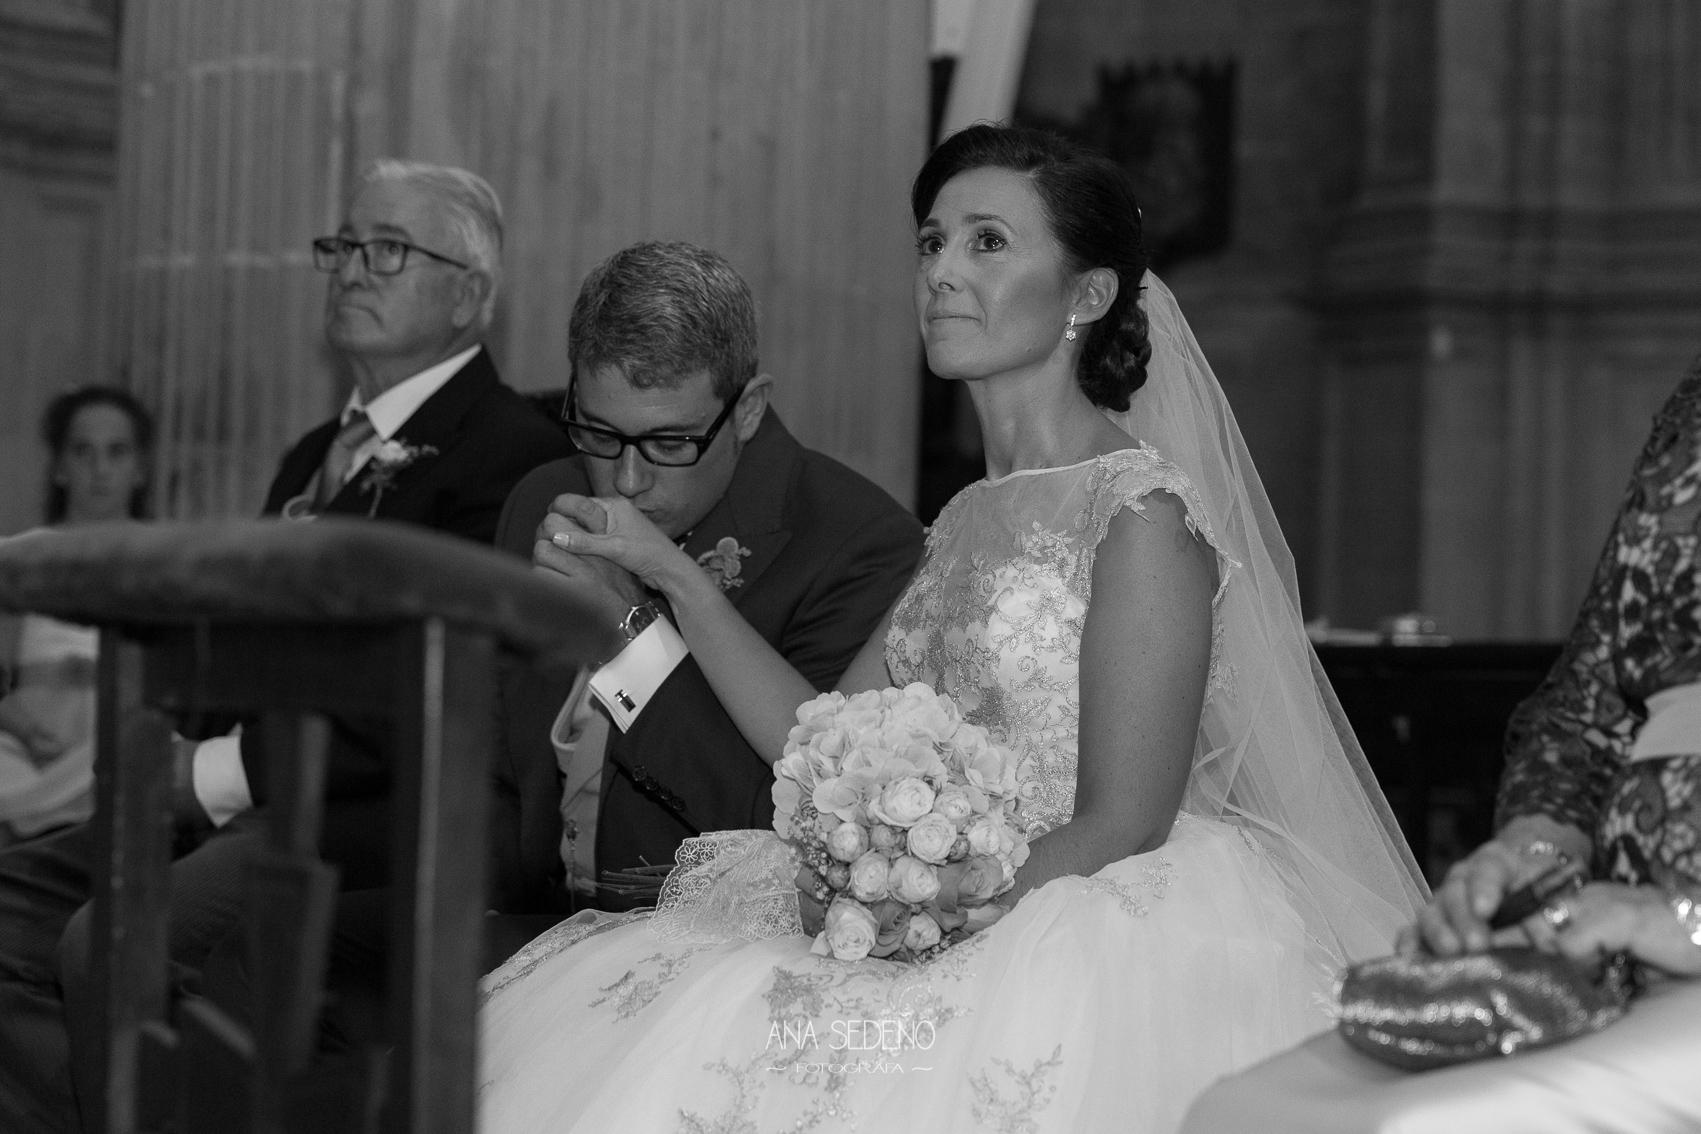 Ana Sedeño Fotografa.-Boda-0644